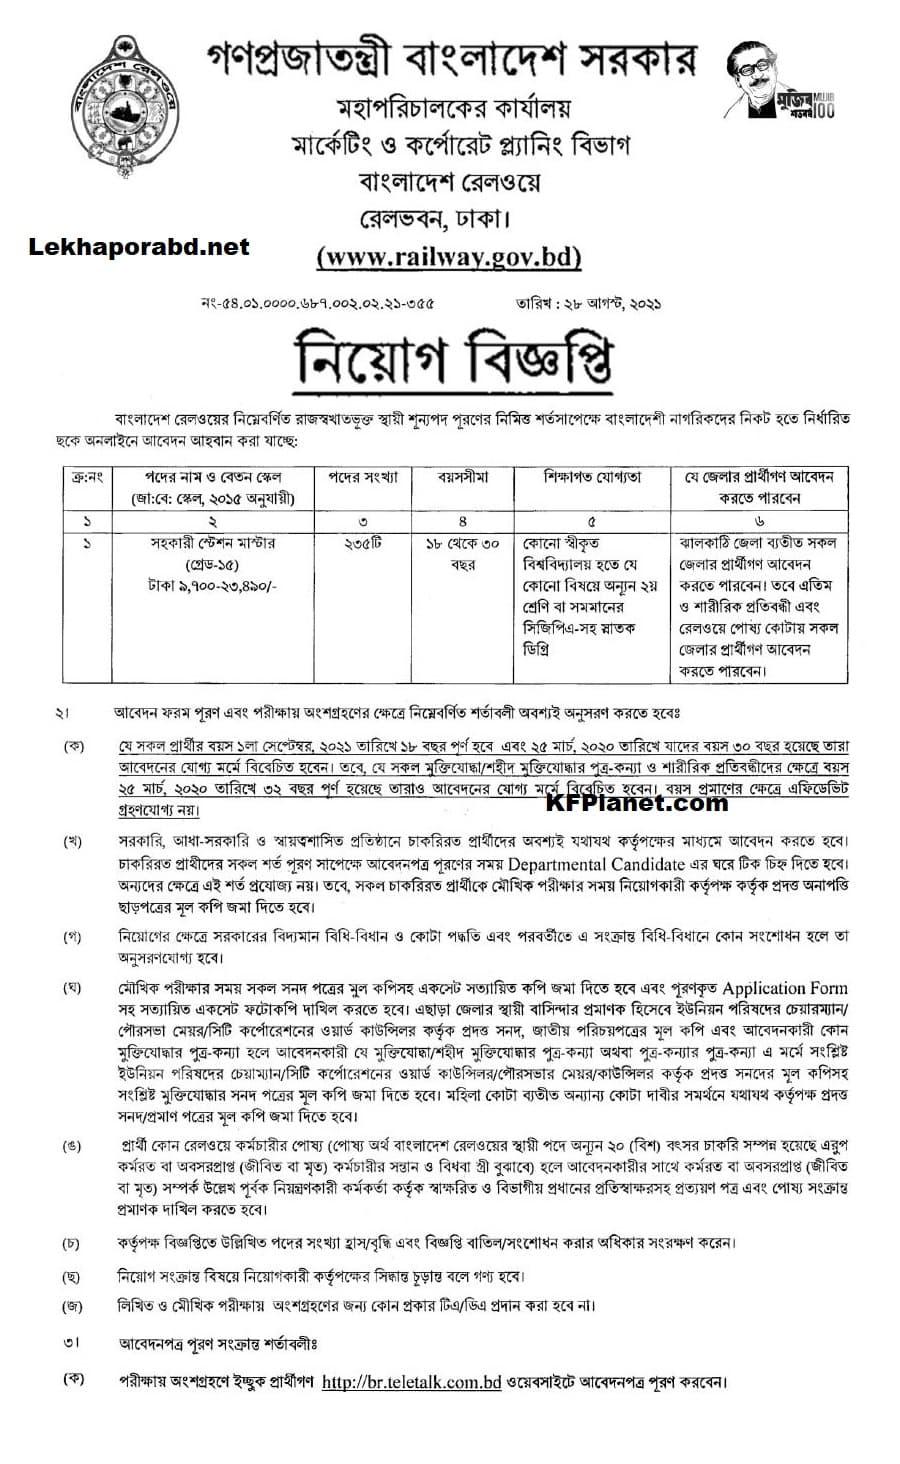 বাংলাদেশ রেলওয়ে নিয়োগ ২০২১ সার্কুলার - Bangladesh Railway Job Circular 2021 - বাংলাদেশ রেলওয়ে নিয়োগ ২০২২ সার্কুলার - Bangladesh Railway Job Circular 2022